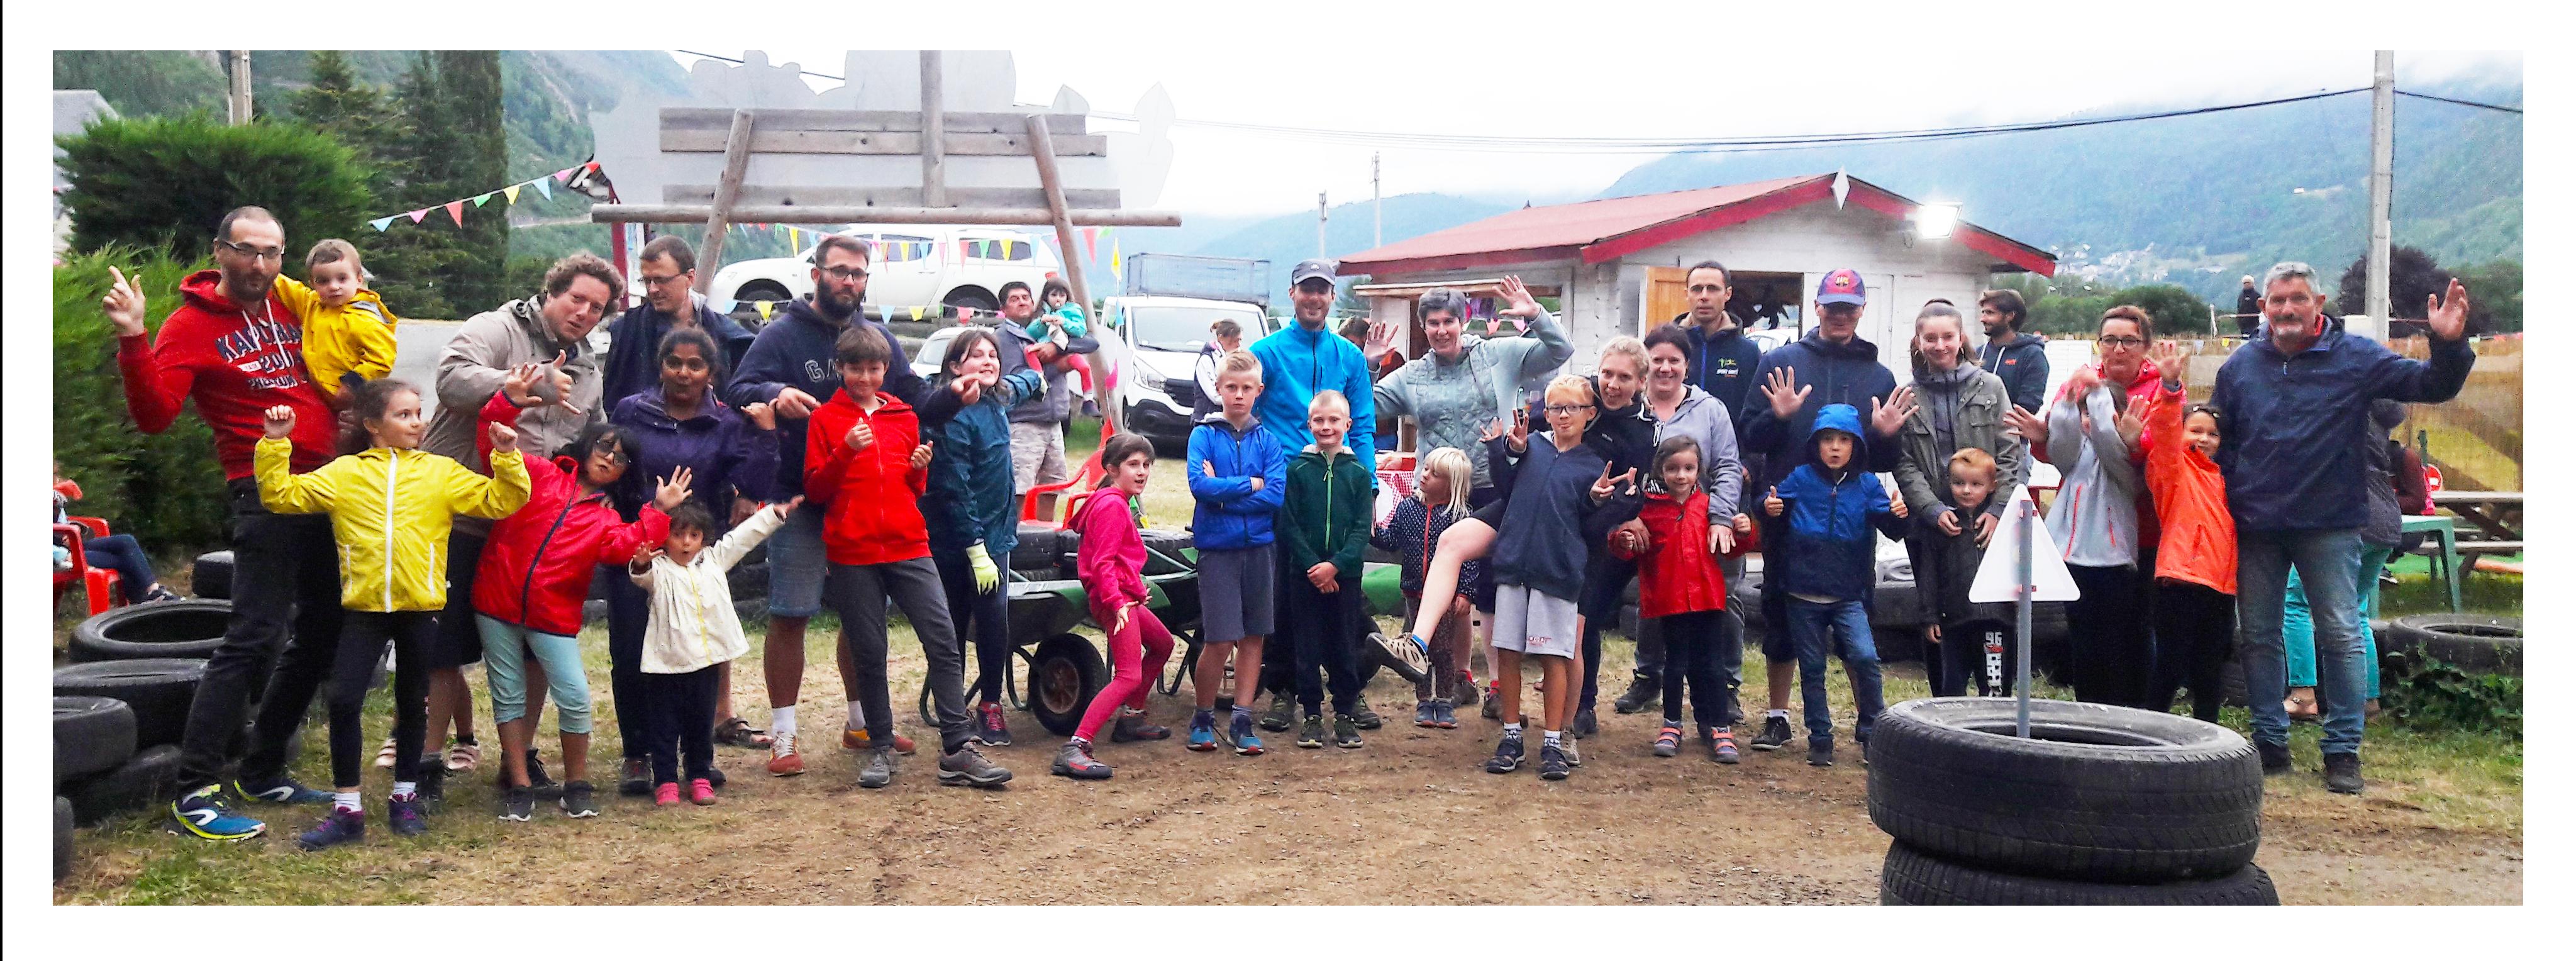 Mountagna parc - course de brouettes - a